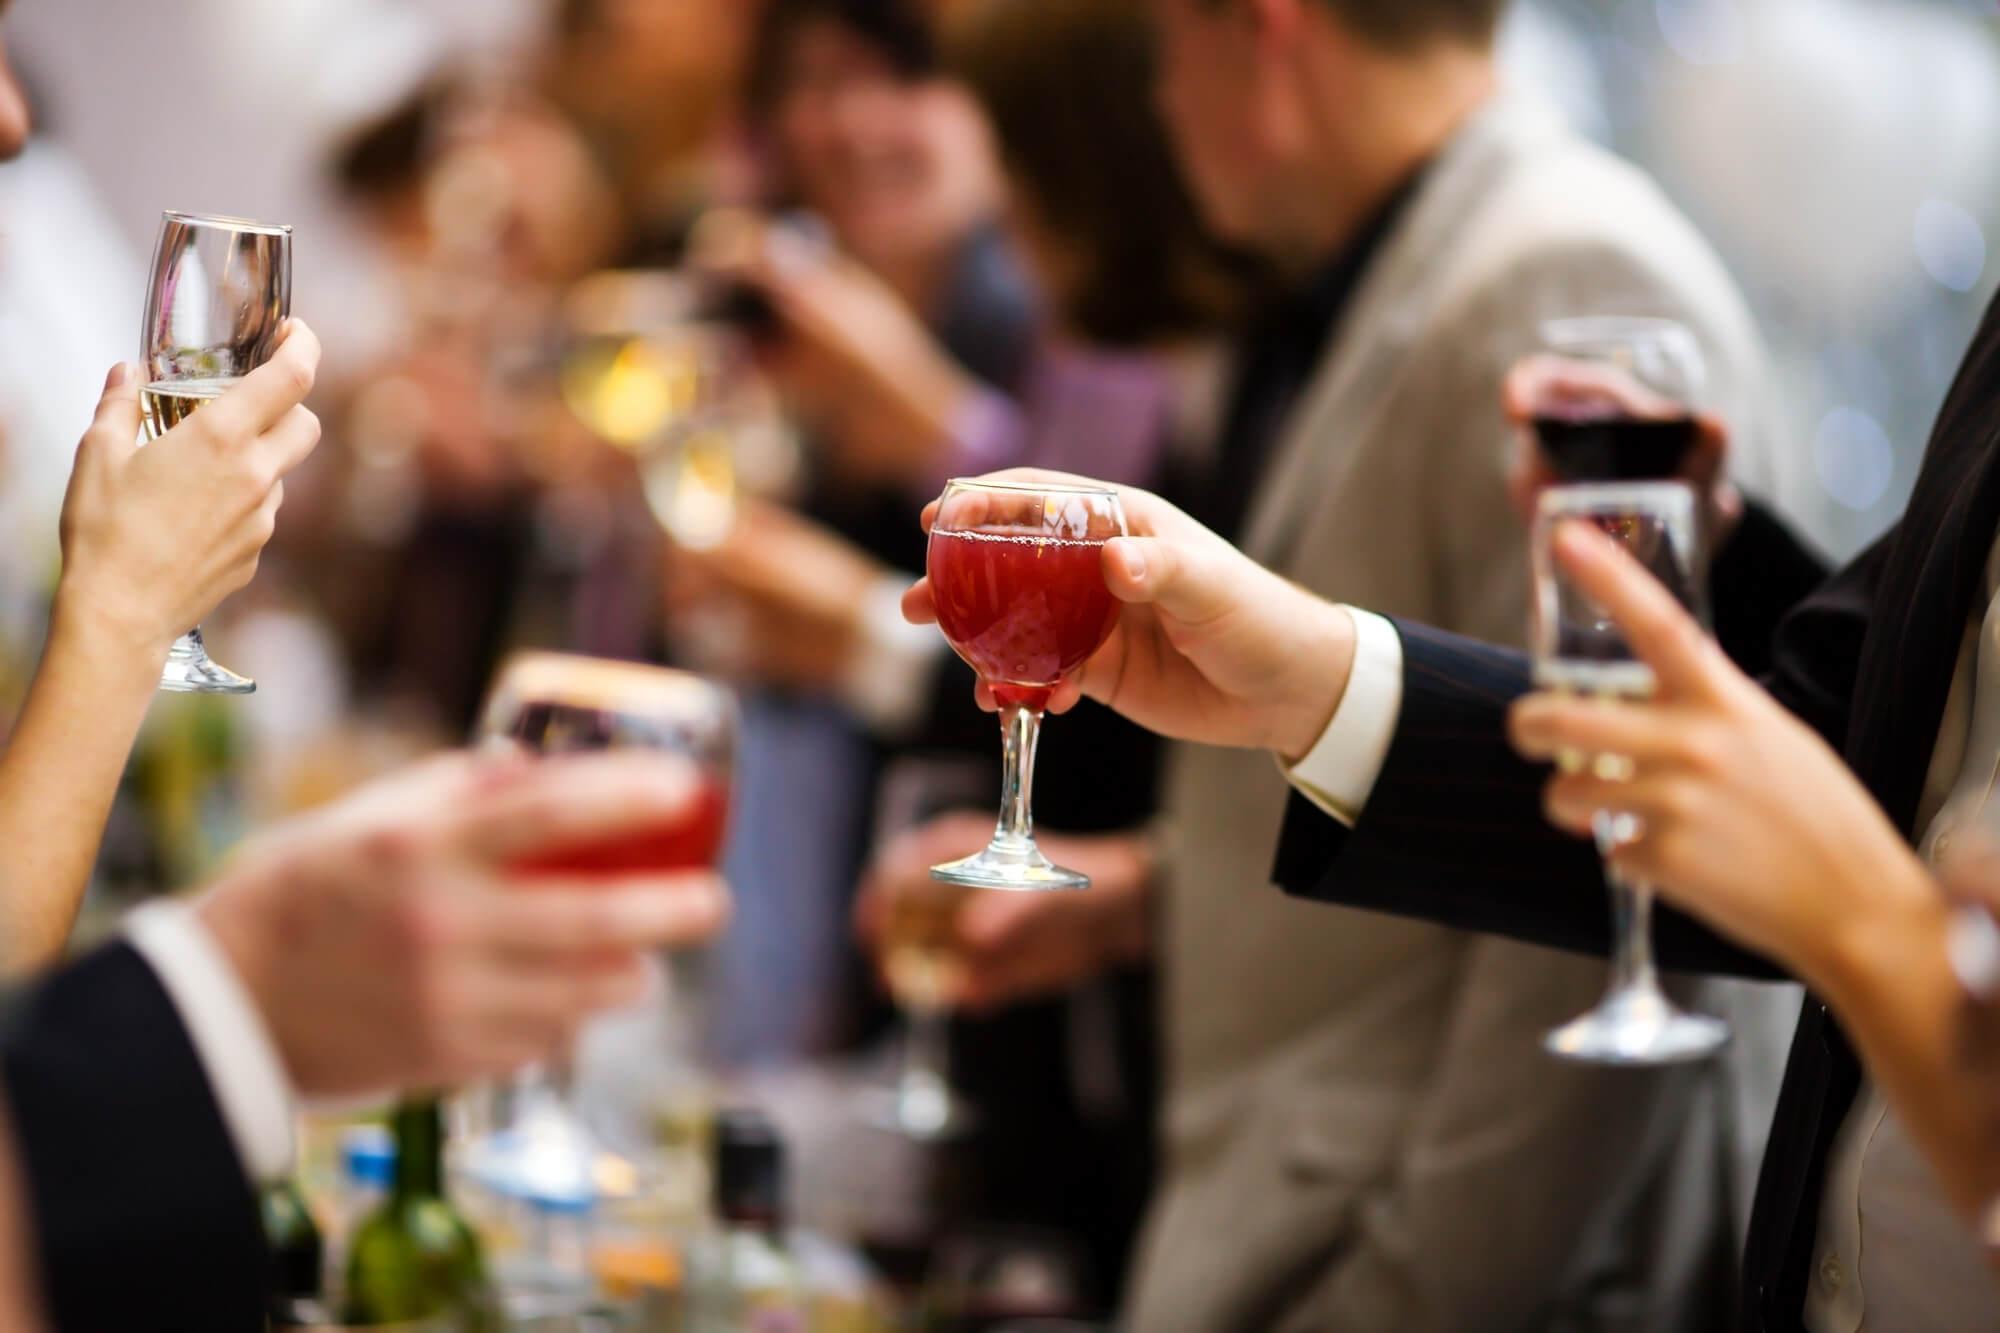 Bebidas no casamento: como escolher e calcular a quantidade adequada?